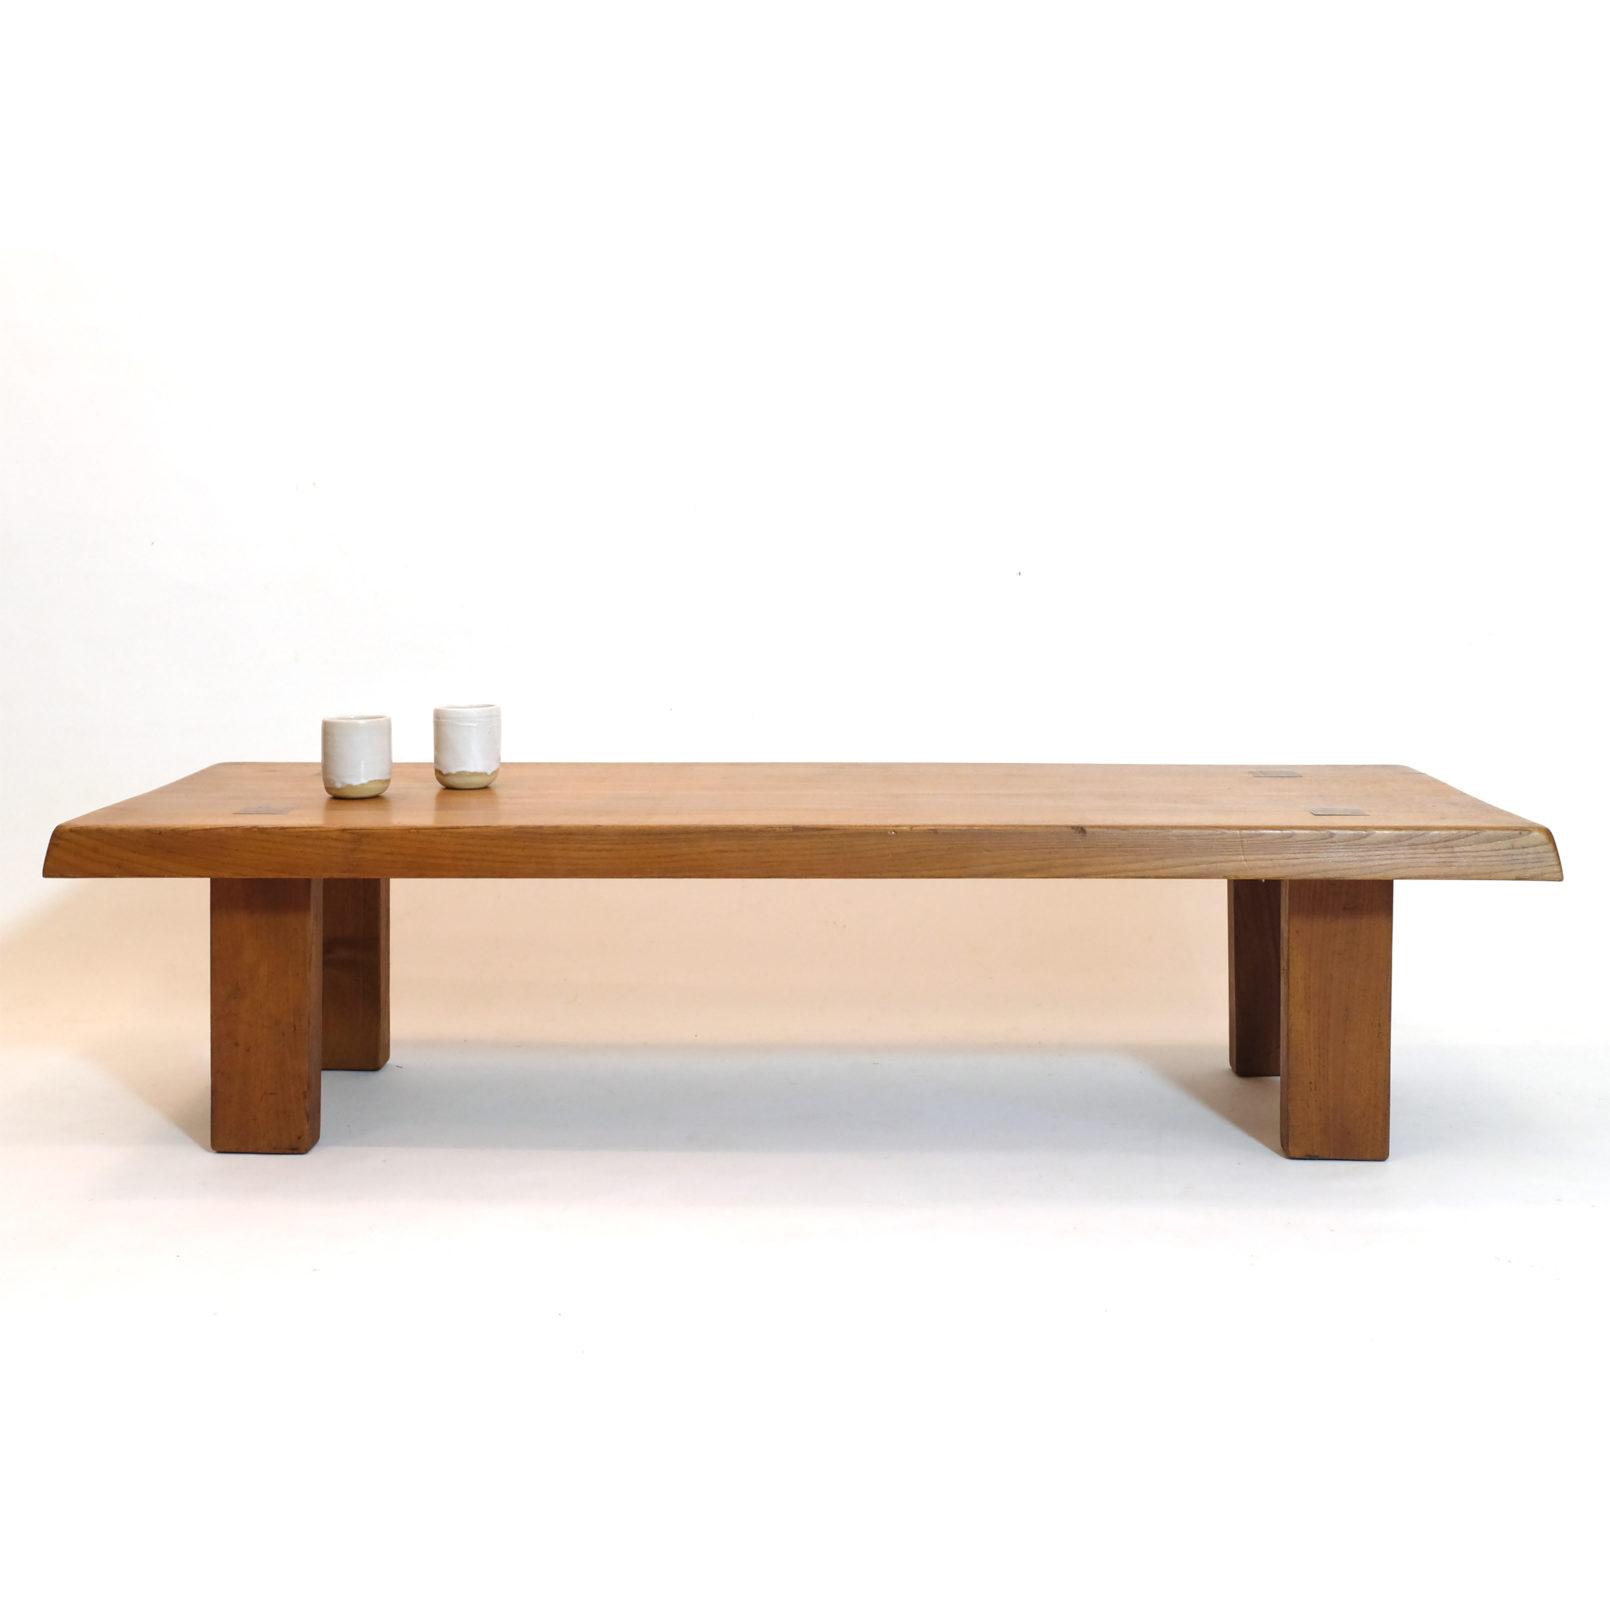 Pierre Chapo, table basse T08 en orme massif.